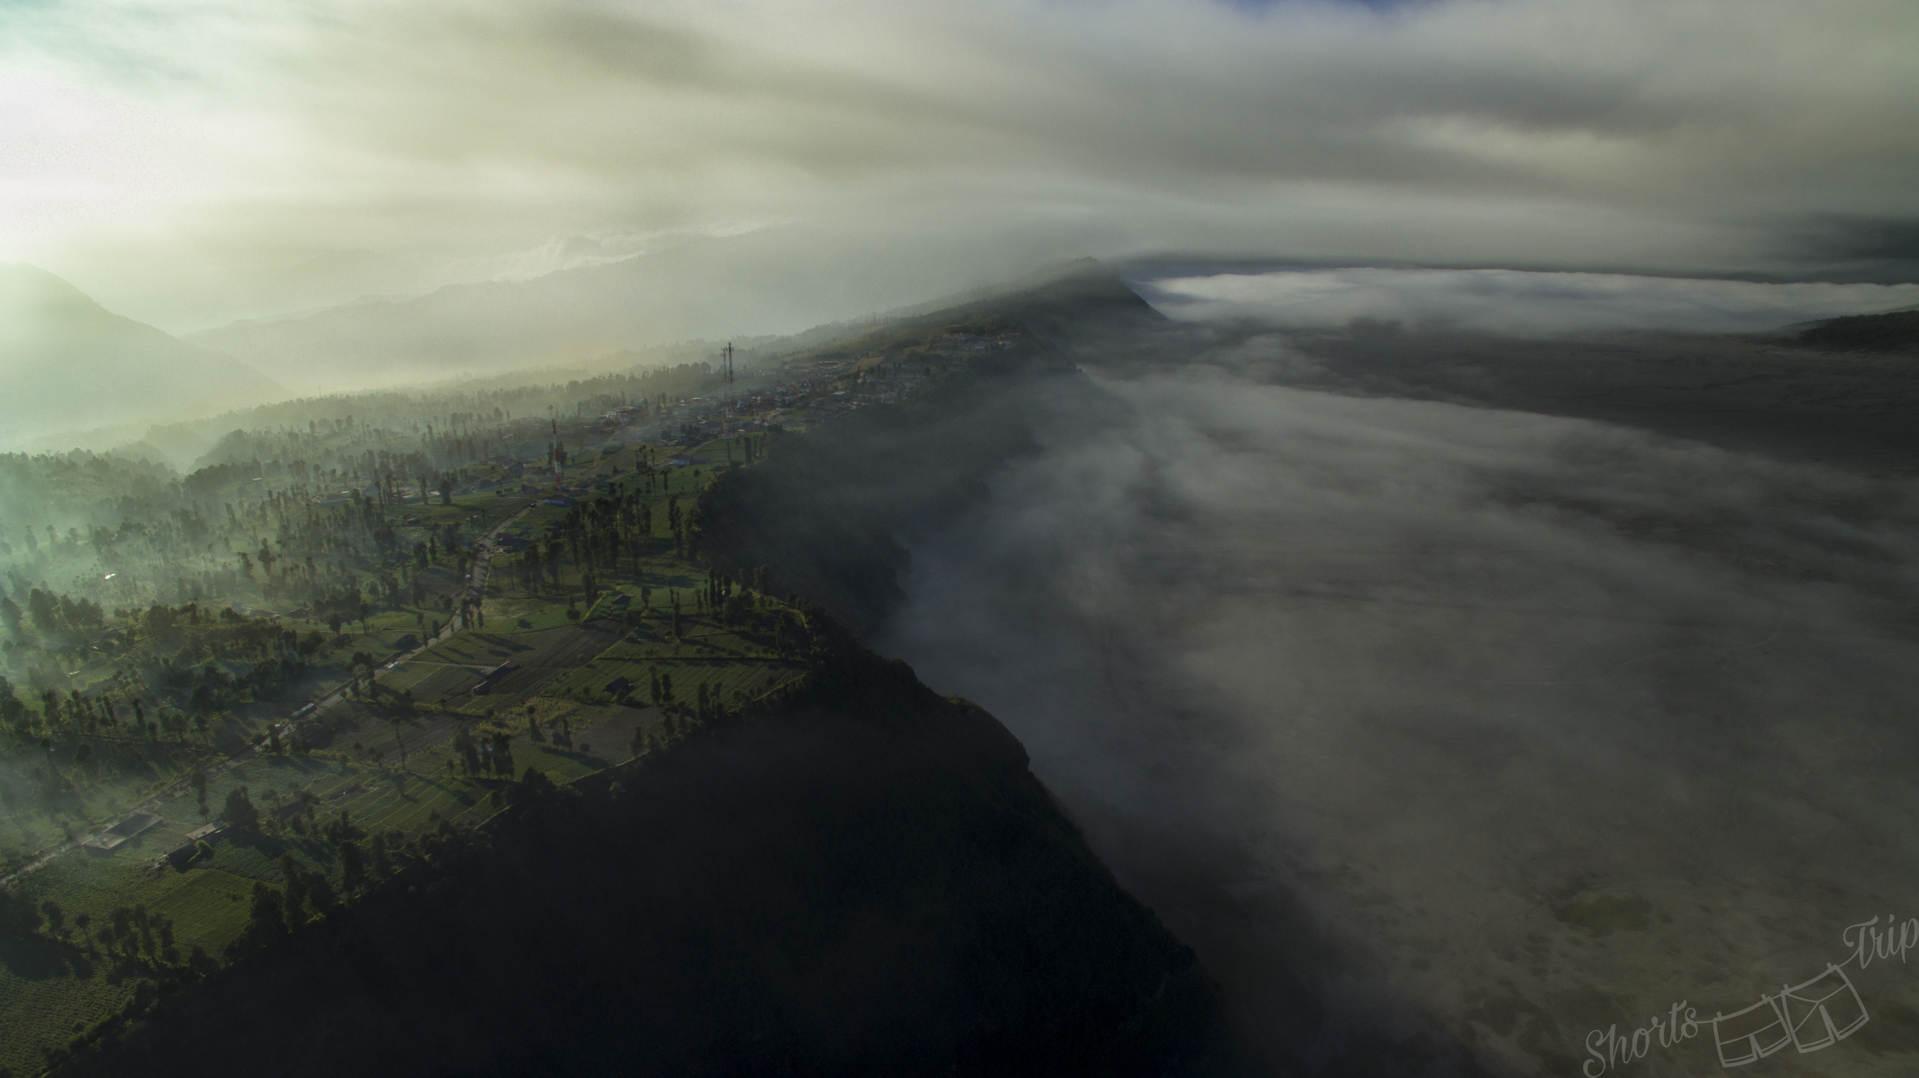 чеморо лаванг, кальдера, кальдера бромо, бромо, вулкан бромо, индонезия, бромо индонезия